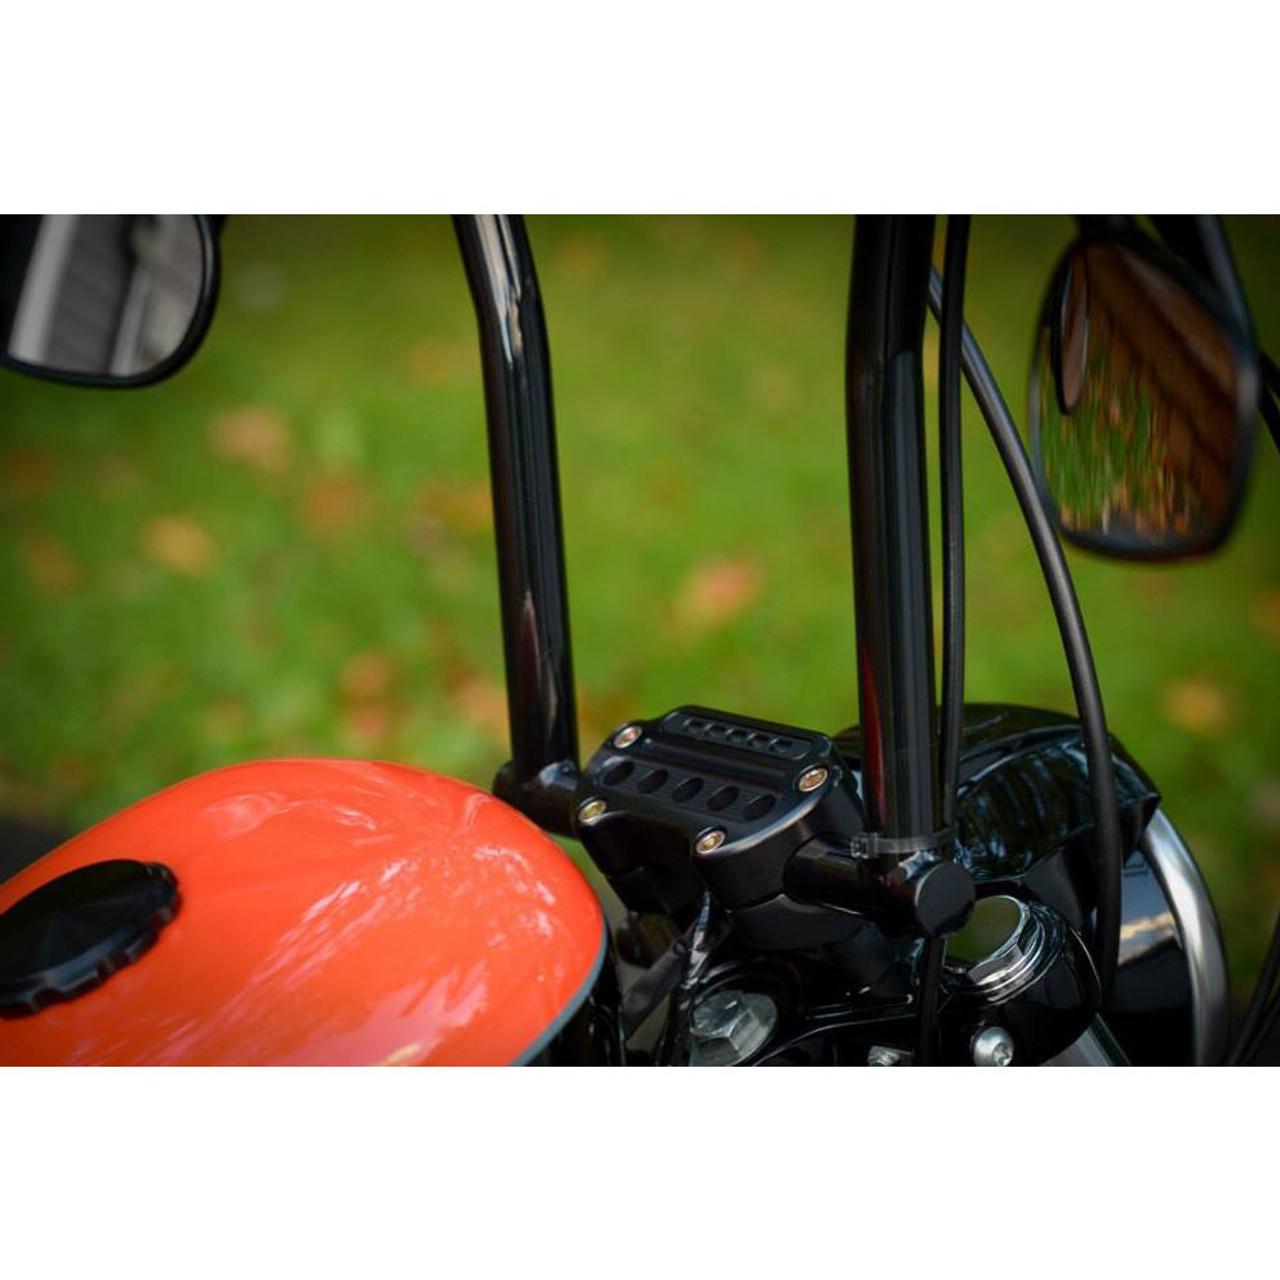 Joker Machine Black Indicator Handlebar Clamp 10-306B